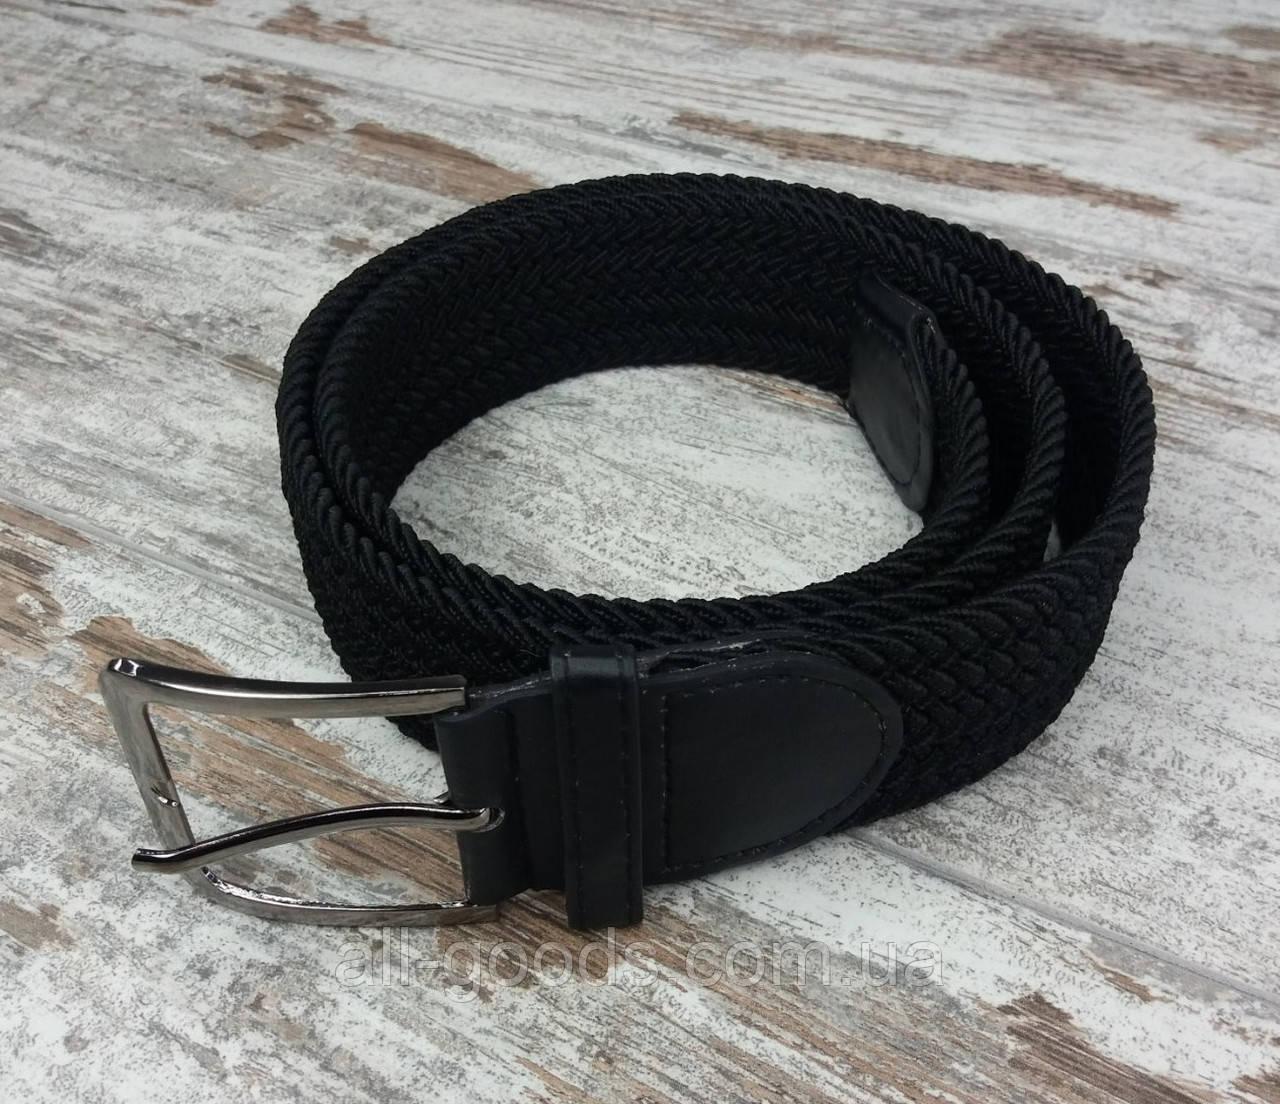 Універсальний плетений ремінь гумка 40 мм чорний, оригінальний модний текстильний ремінь